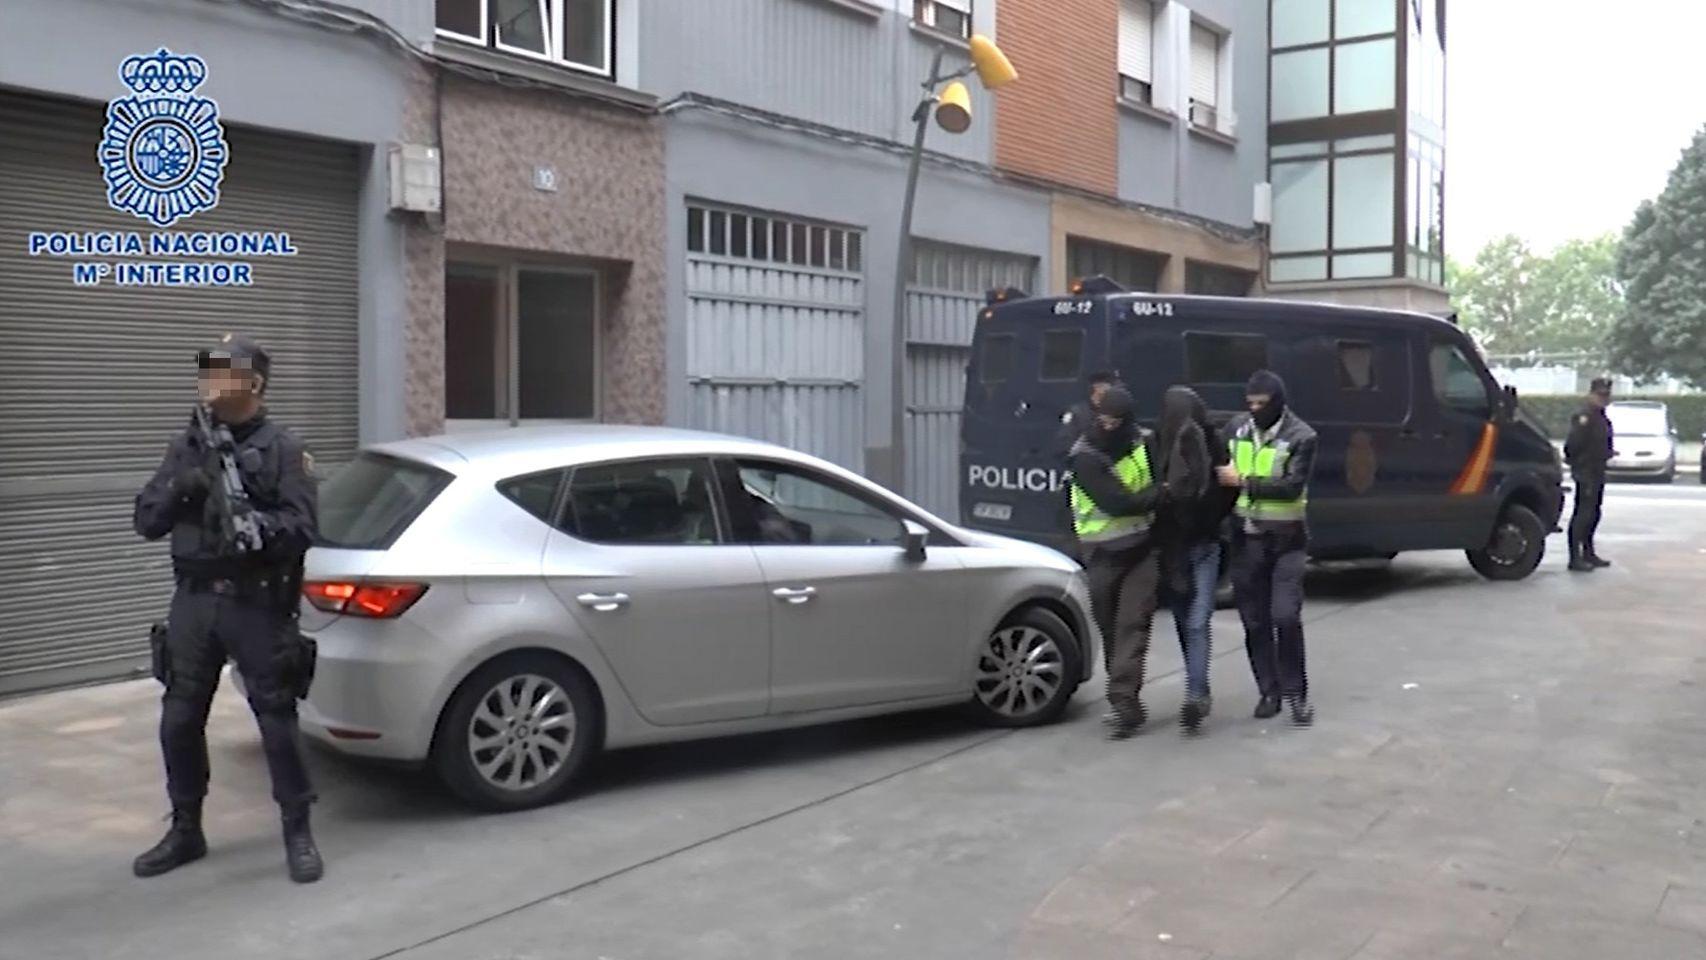 Comisaría de la Policía Nacional en Oviedo.Comisaría de la Policía Nacional en Oviedo